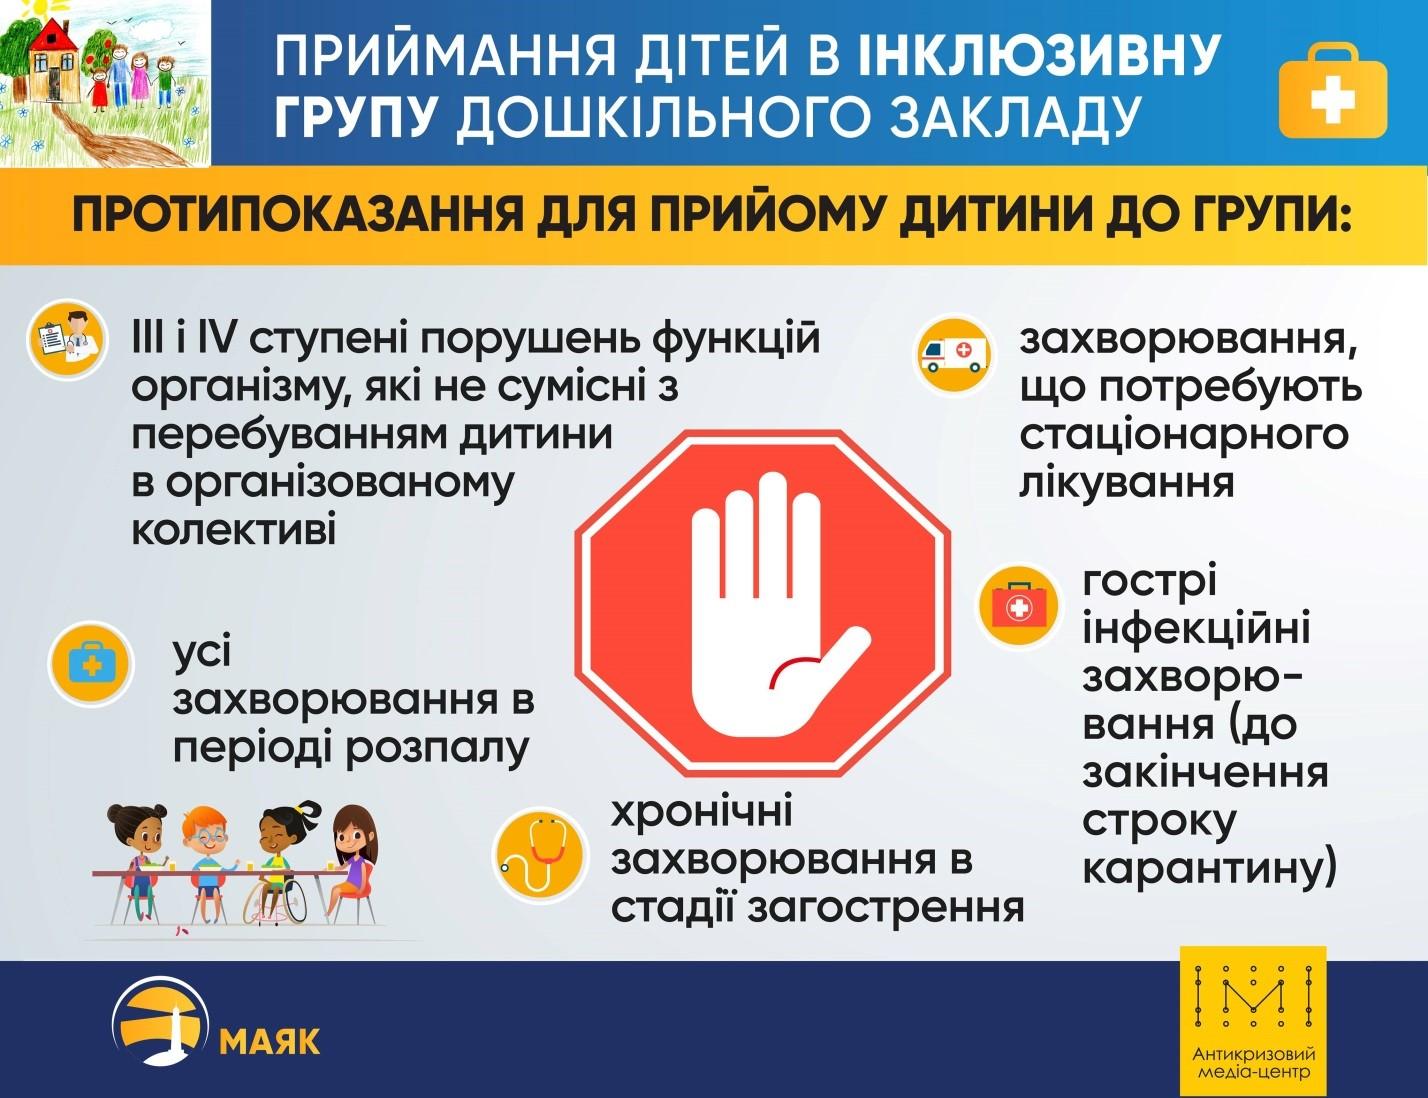 Дитина з особливими освітніми потребами має право відвідувати ДНЗ - Фото №3